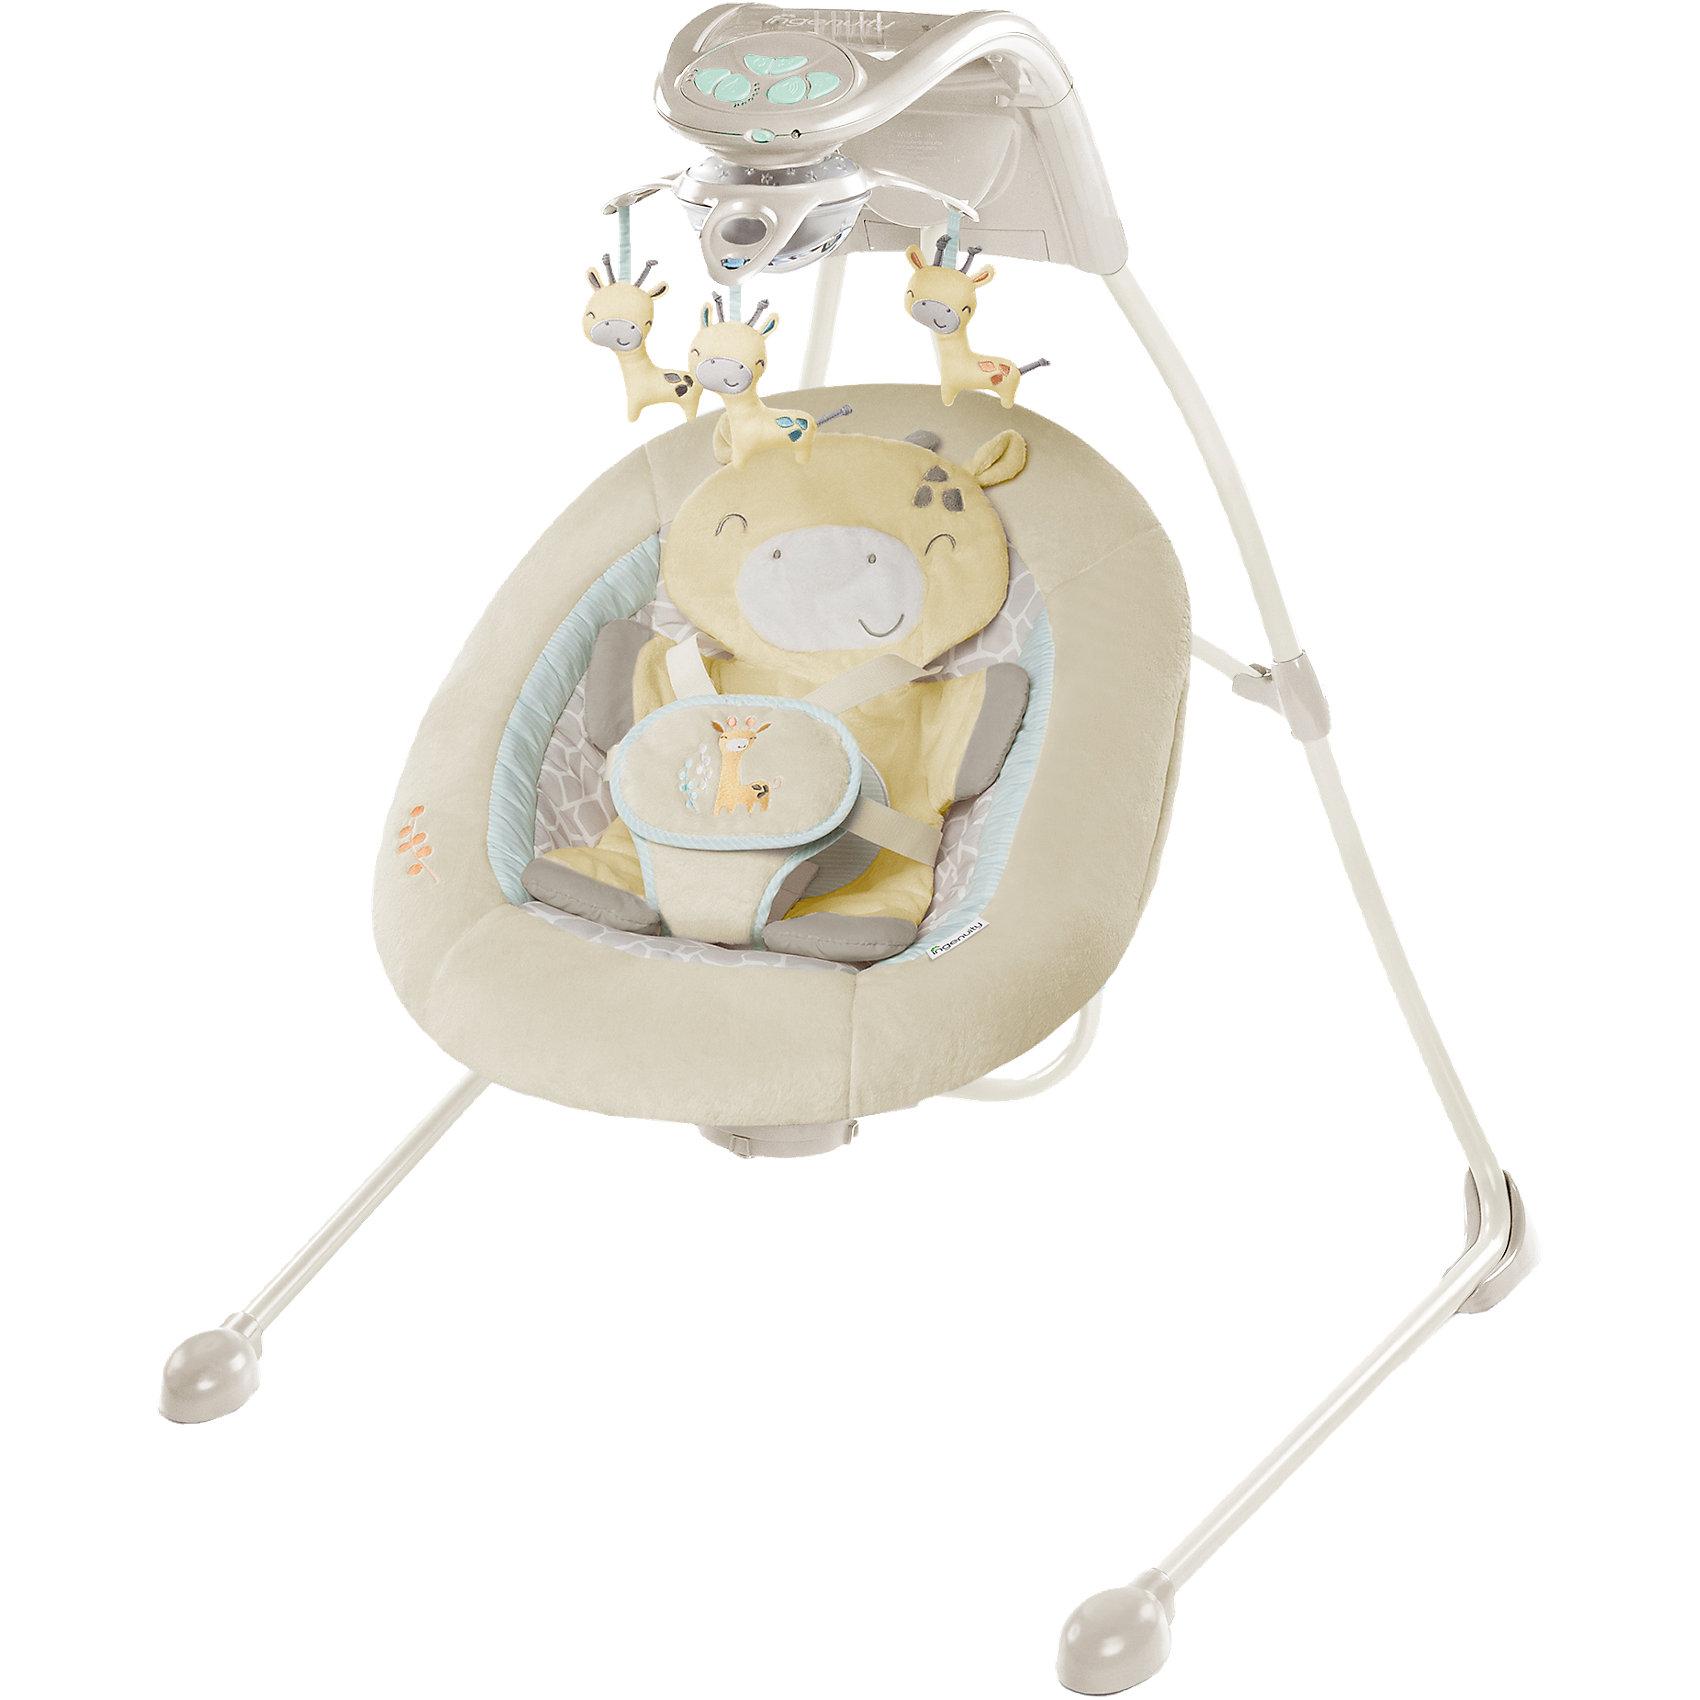 Качели InGenuity «Жирафик», Bright StartsКачели электронные<br>Сидение поворачивается на 180° и устанавливается в три позиции (прямо, лицом влево и вправо).<br>8 мелодий и 3 звука природы с регулятором громкости.<br>Функция Connect Me, которая позволяет подключать смартфон или MP3-плеер (приобретается отдельно) и играть персональную музыку для ребенка, смотреть видео и фото.<br>Электронный мобиль с 3-мя игрушками и светящимися элементами.<br>6 скоростей качания с таймером на 30, 45, 60 мин.<br>Может раскачиваться в 2-х направлениях: вперед-назад как качели или из стороны в сторону как классическая колыбель.<br>5-точечные ремни безопасности.<br>Чехол можно стирать в стиральной машине с мягкими моющими средствами.<br>Максимальный вес: до 9 кг.<br><br>Ширина мм: 740<br>Глубина мм: 470<br>Высота мм: 270<br>Вес г: 10814<br>Возраст от месяцев: 0<br>Возраст до месяцев: 6<br>Пол: Унисекс<br>Возраст: Детский<br>SKU: 4548791